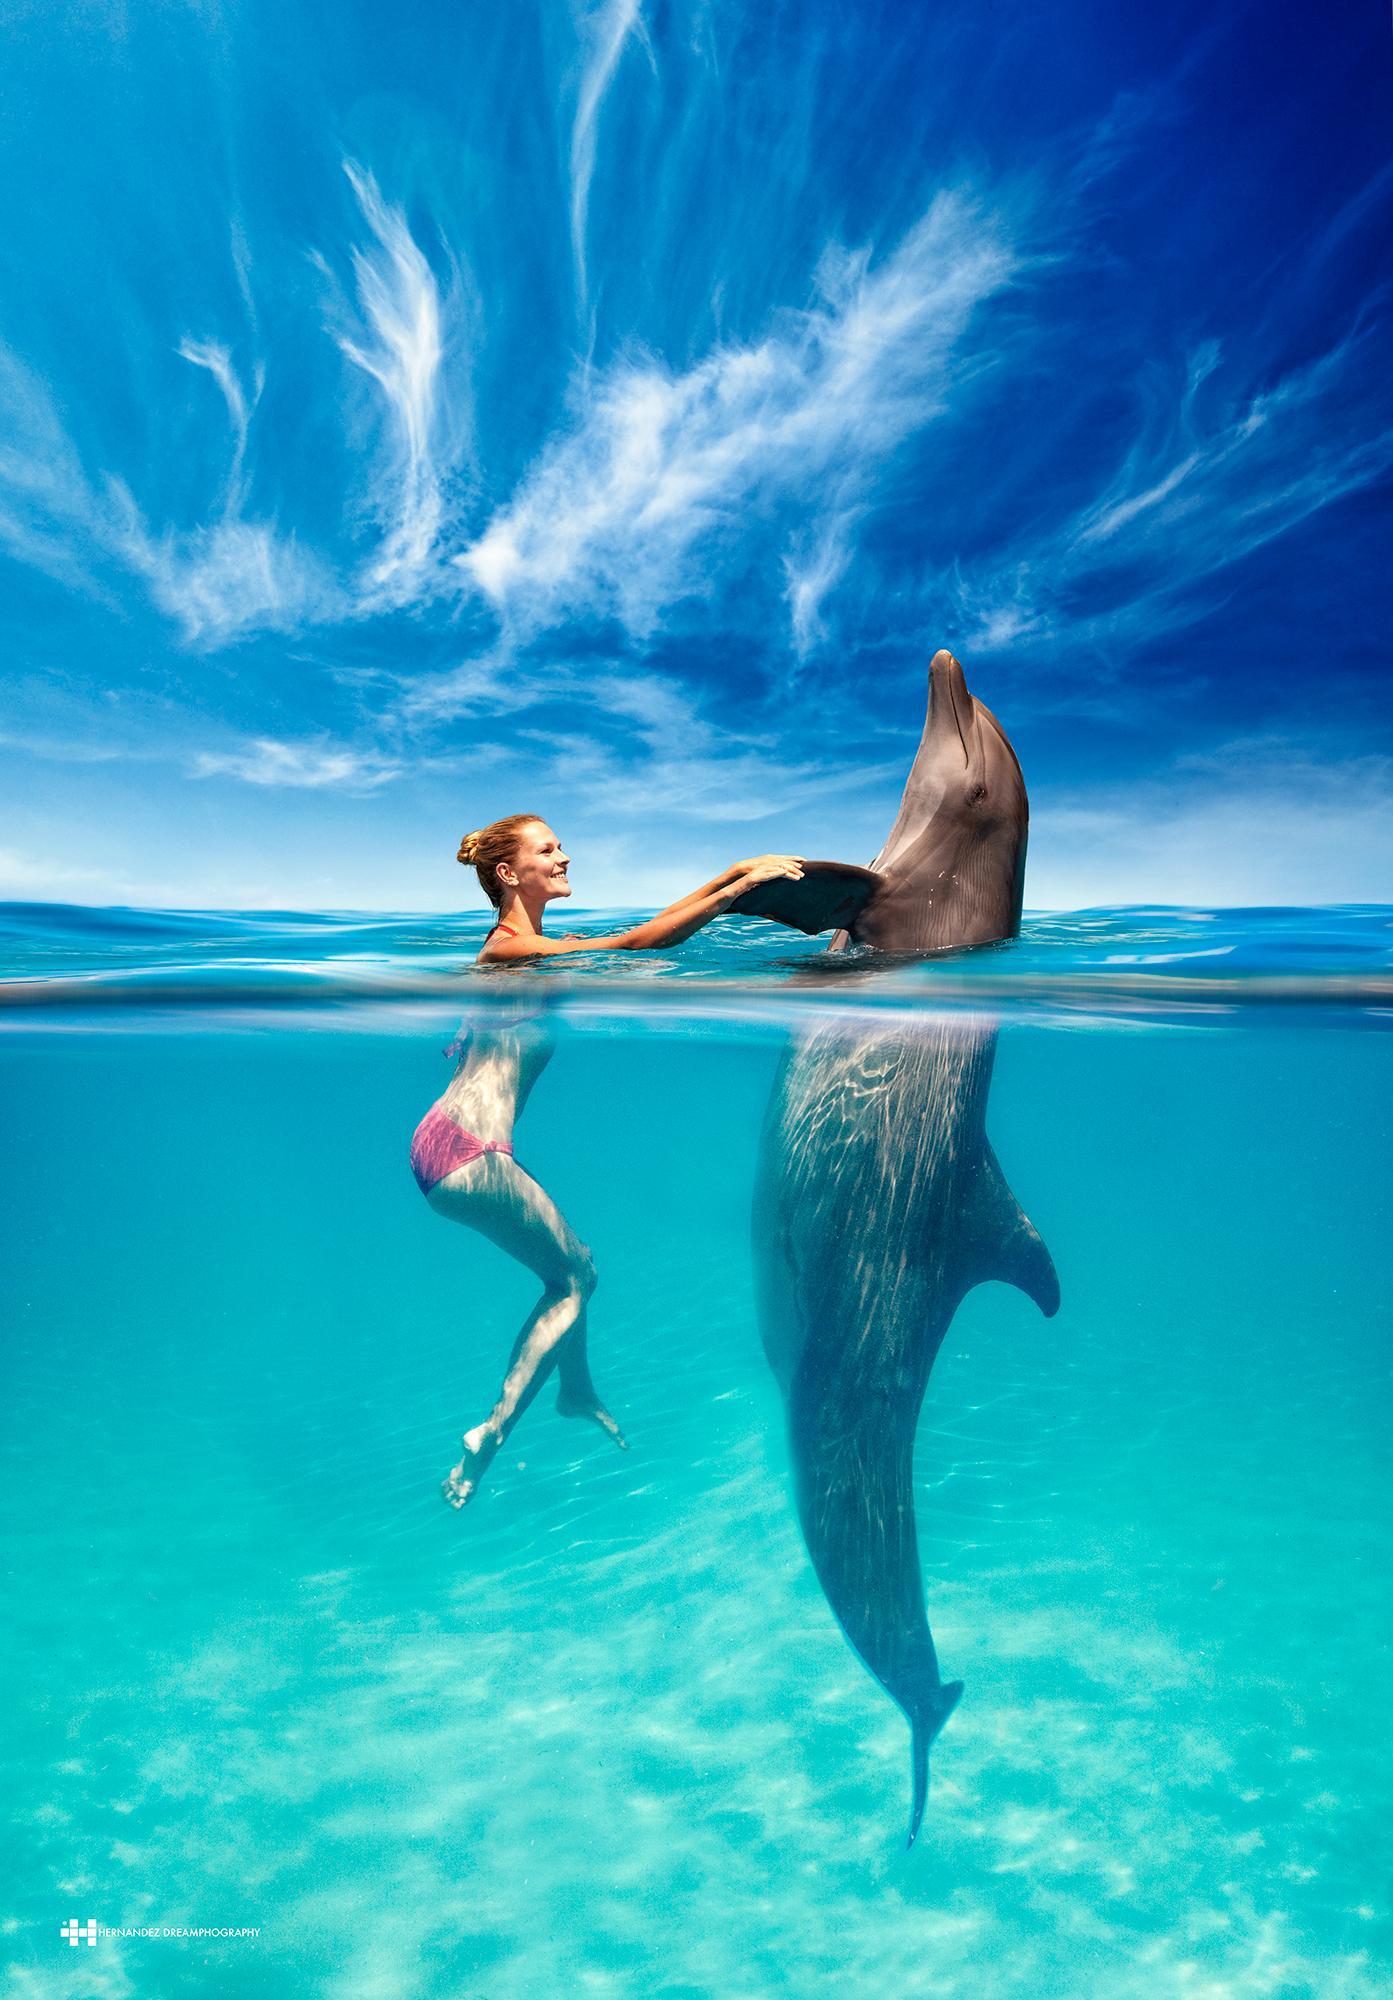 Magic Moments / Felix Hernandez Dreamphography